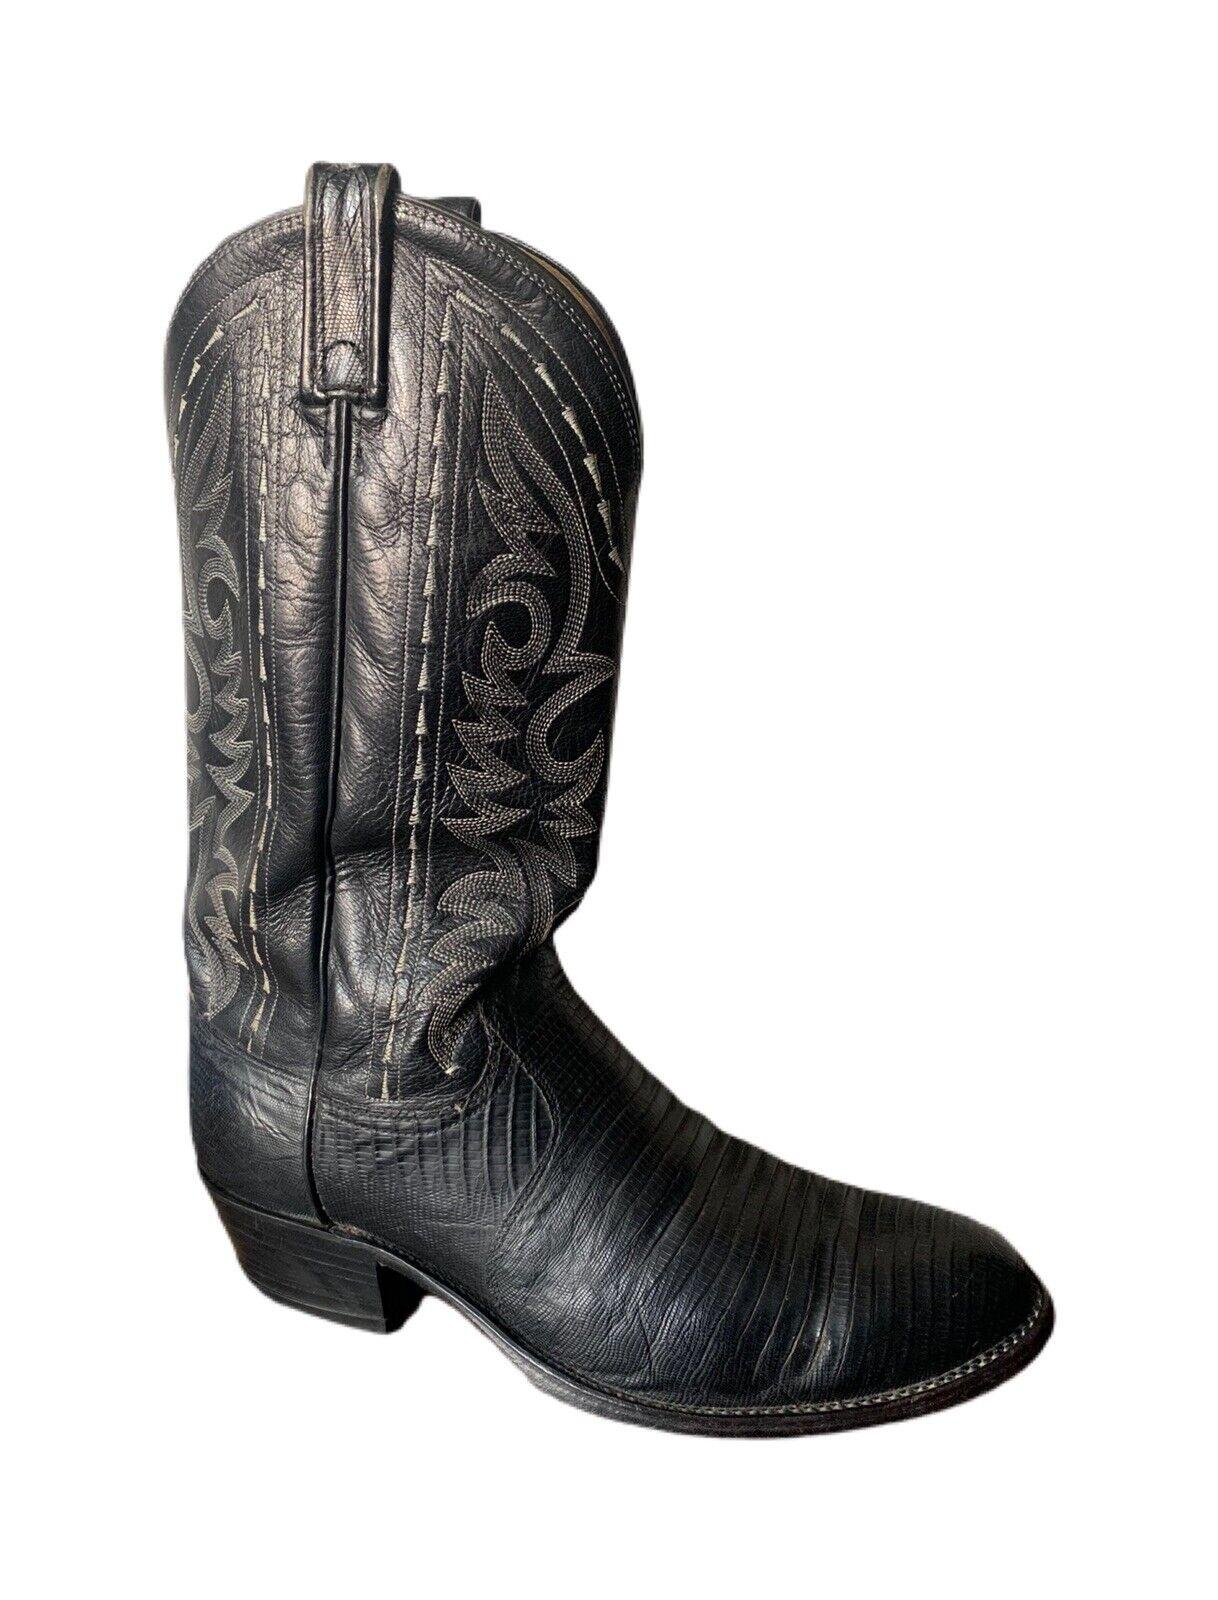 Dan Post Boots Vintage Cowboy Boots Western Boots Teju Lizard Boots - Men's 8.5D